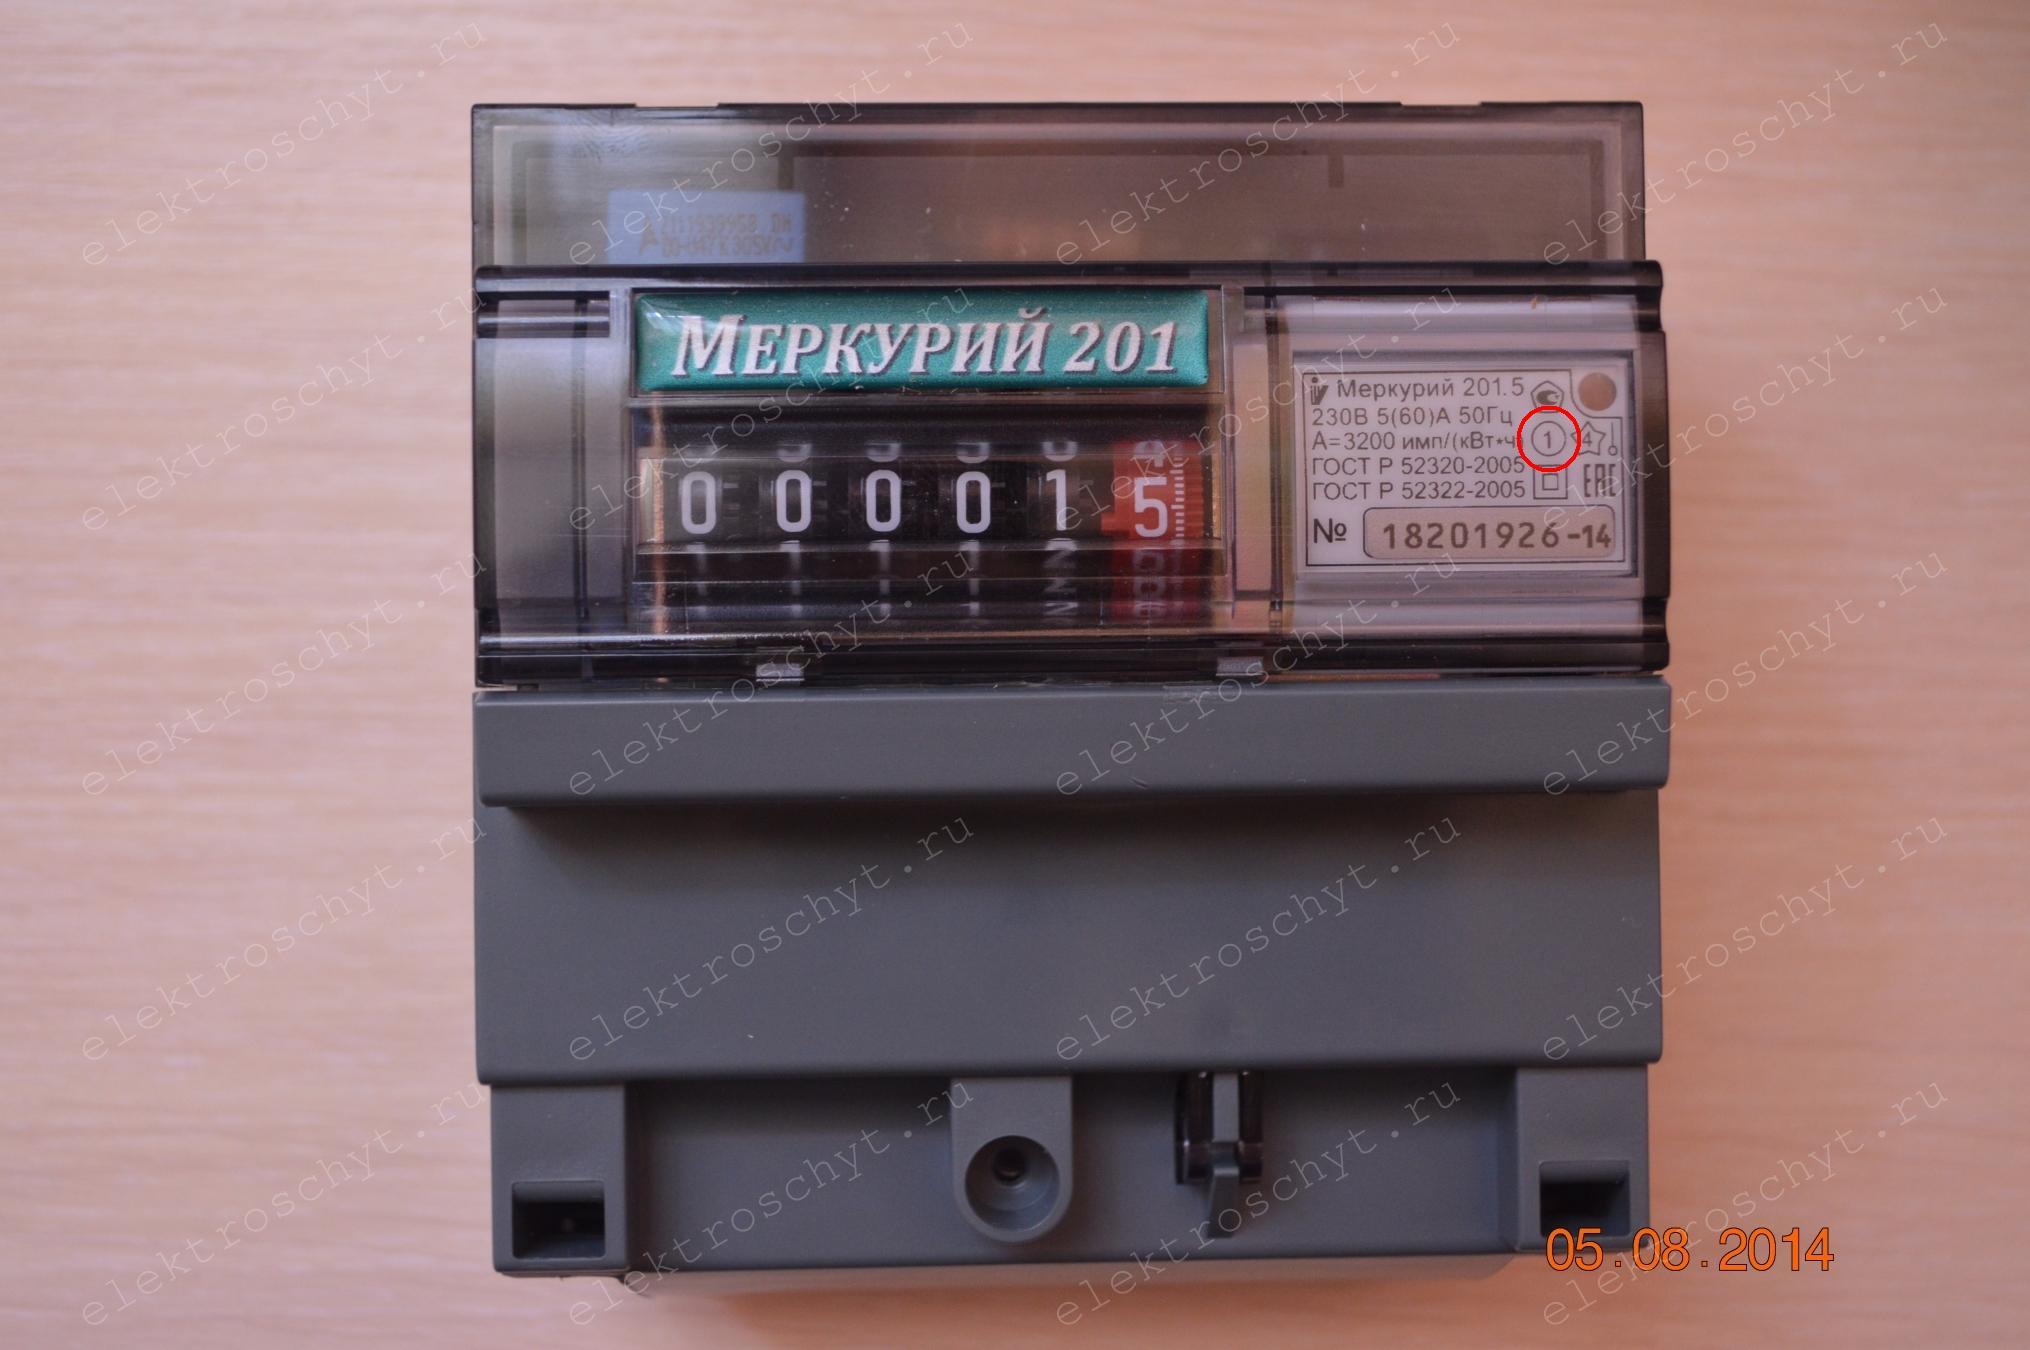 8ab-Elektroschetchik-merkuriy-201-516x625.jpg